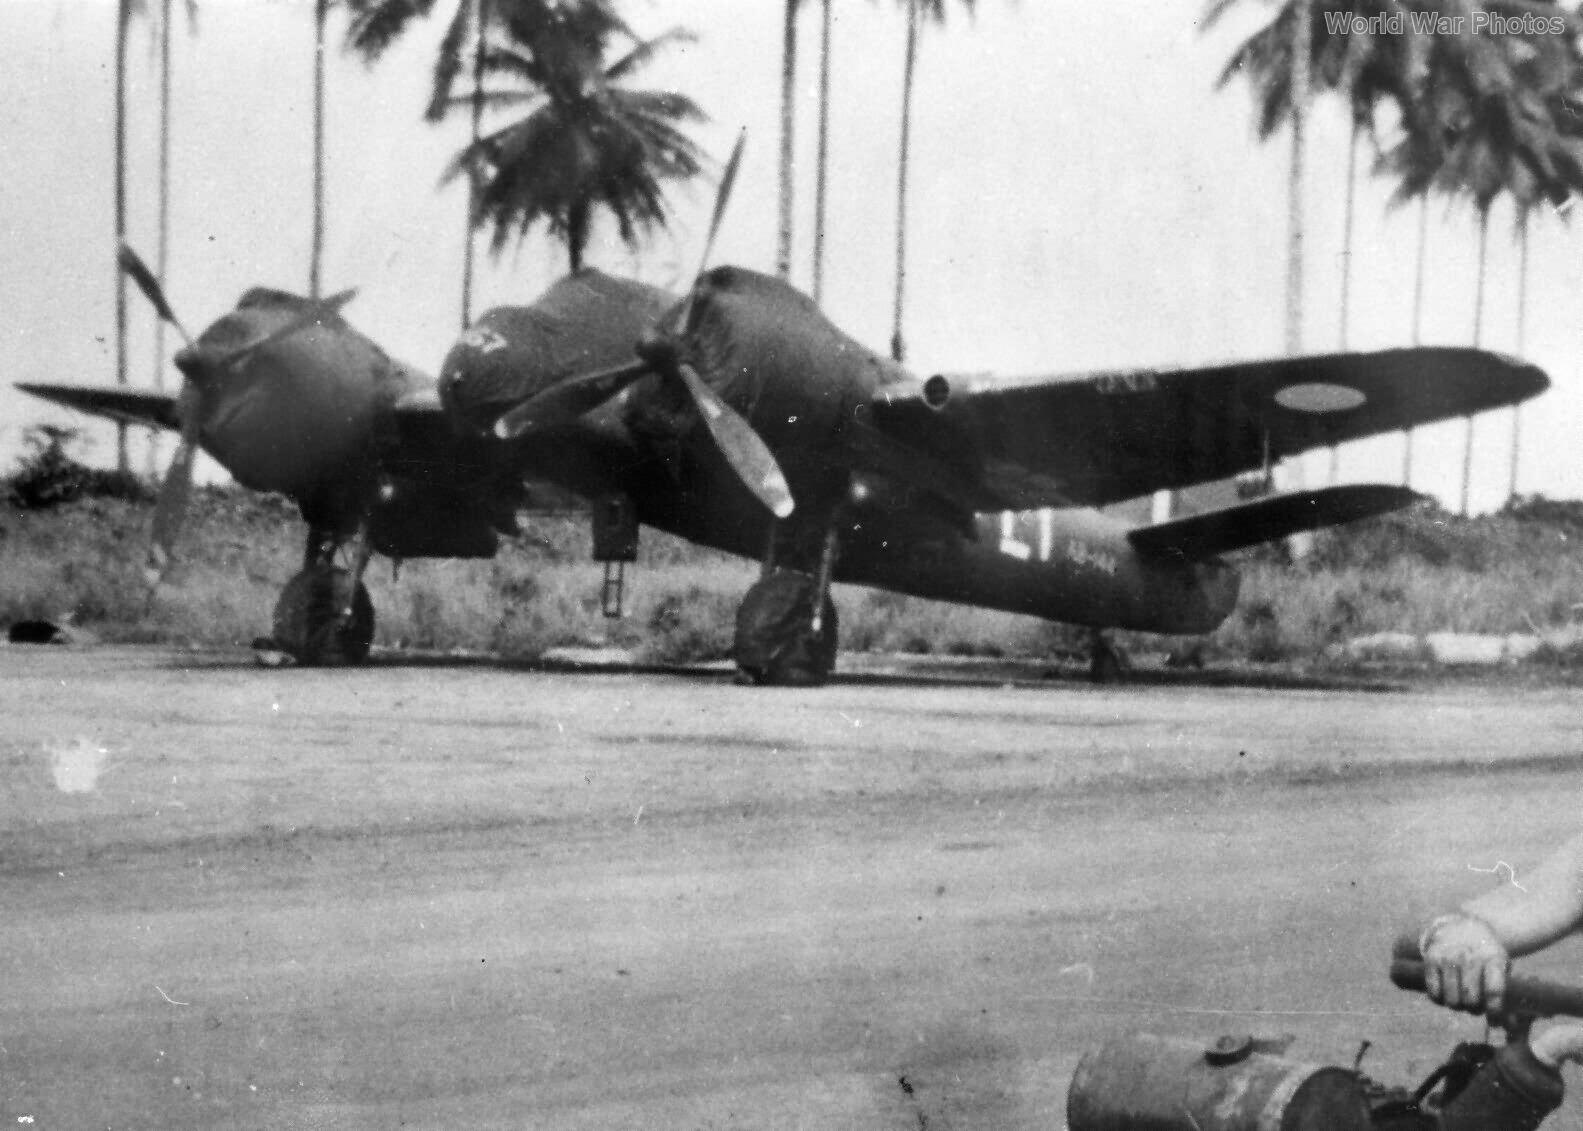 Beaufighter Mk 21 A8-144